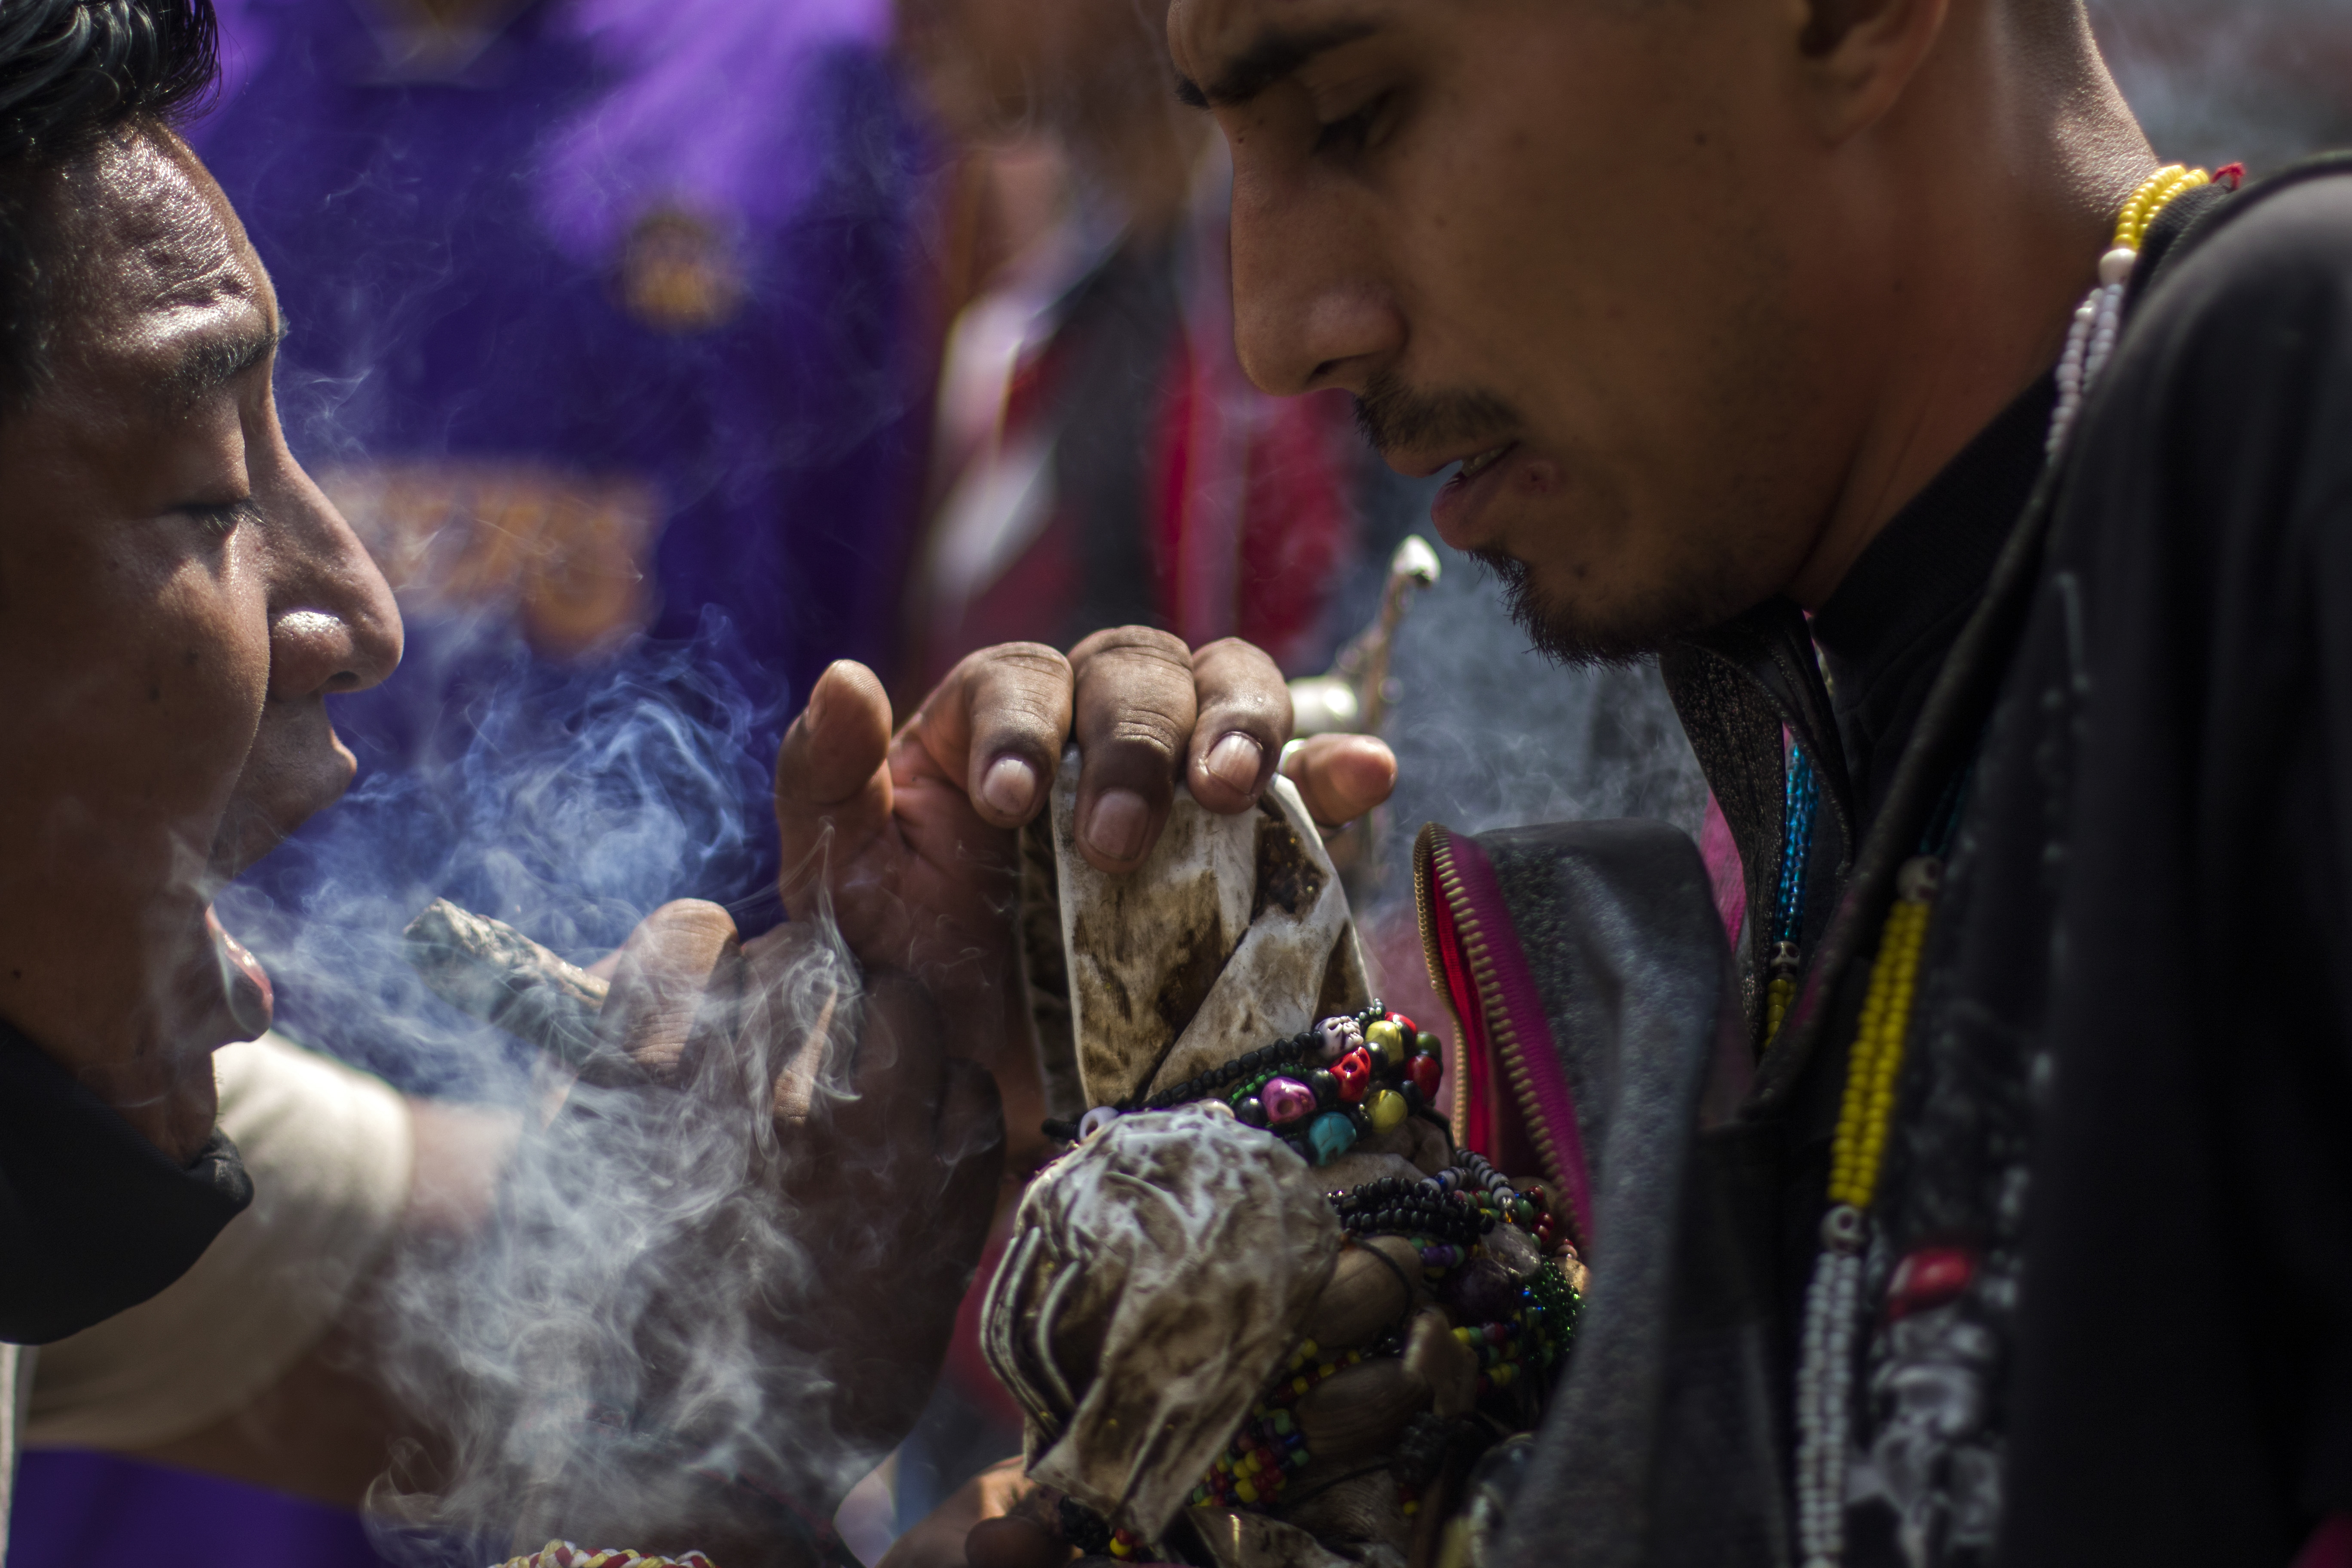 Un hombre sopla el humo de un puro de tabaco a una figura de la Santa Muerte como ritual de limpieza cerca de su santuario en la calle Alfarería, en el barrio de Tepito, de la Ciudad de México, el 1 de octubre de 2020